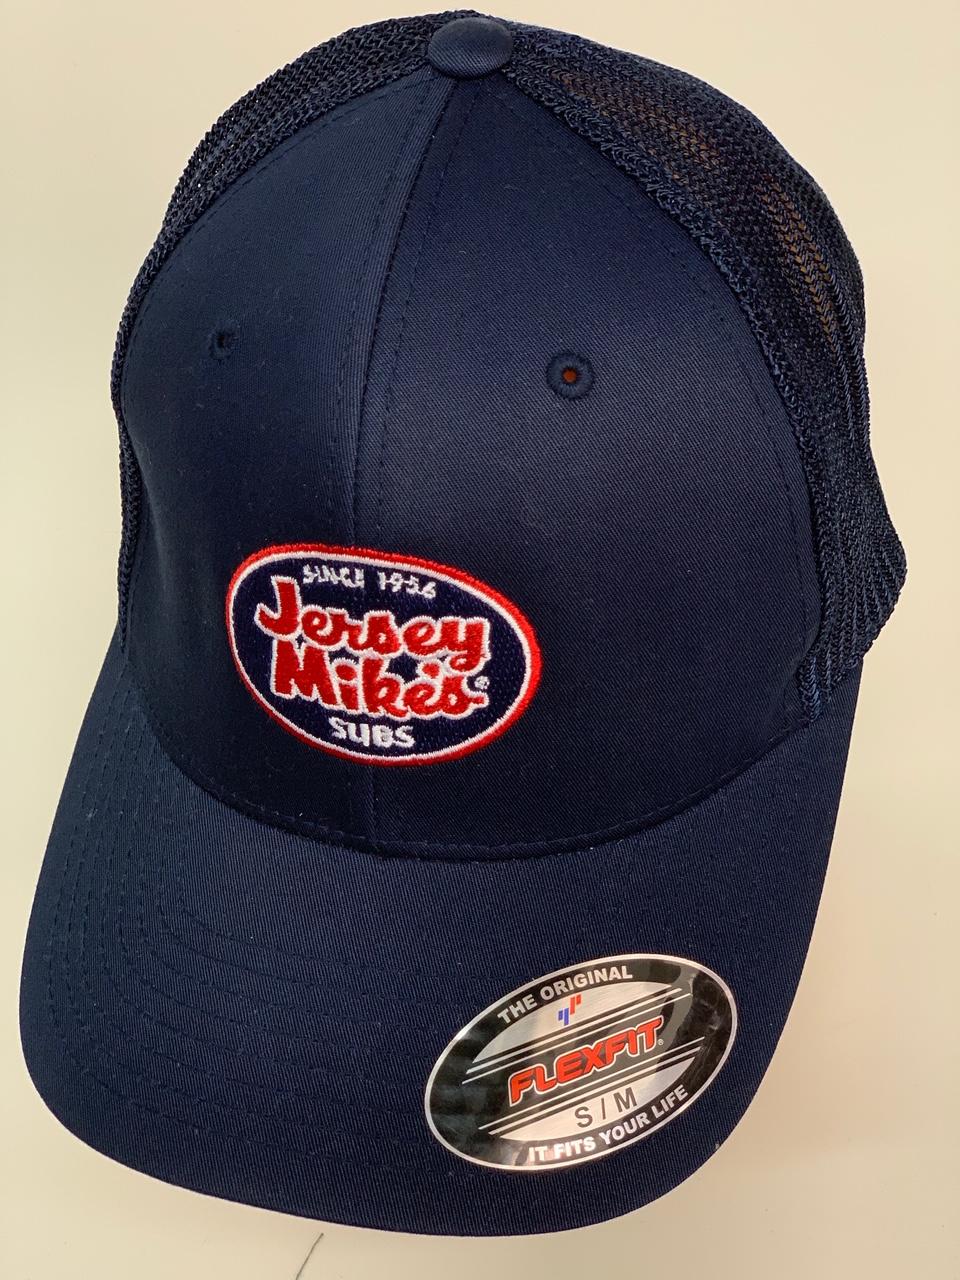 Бейсболка Jersey Mires темно-синего цвета с сеткой